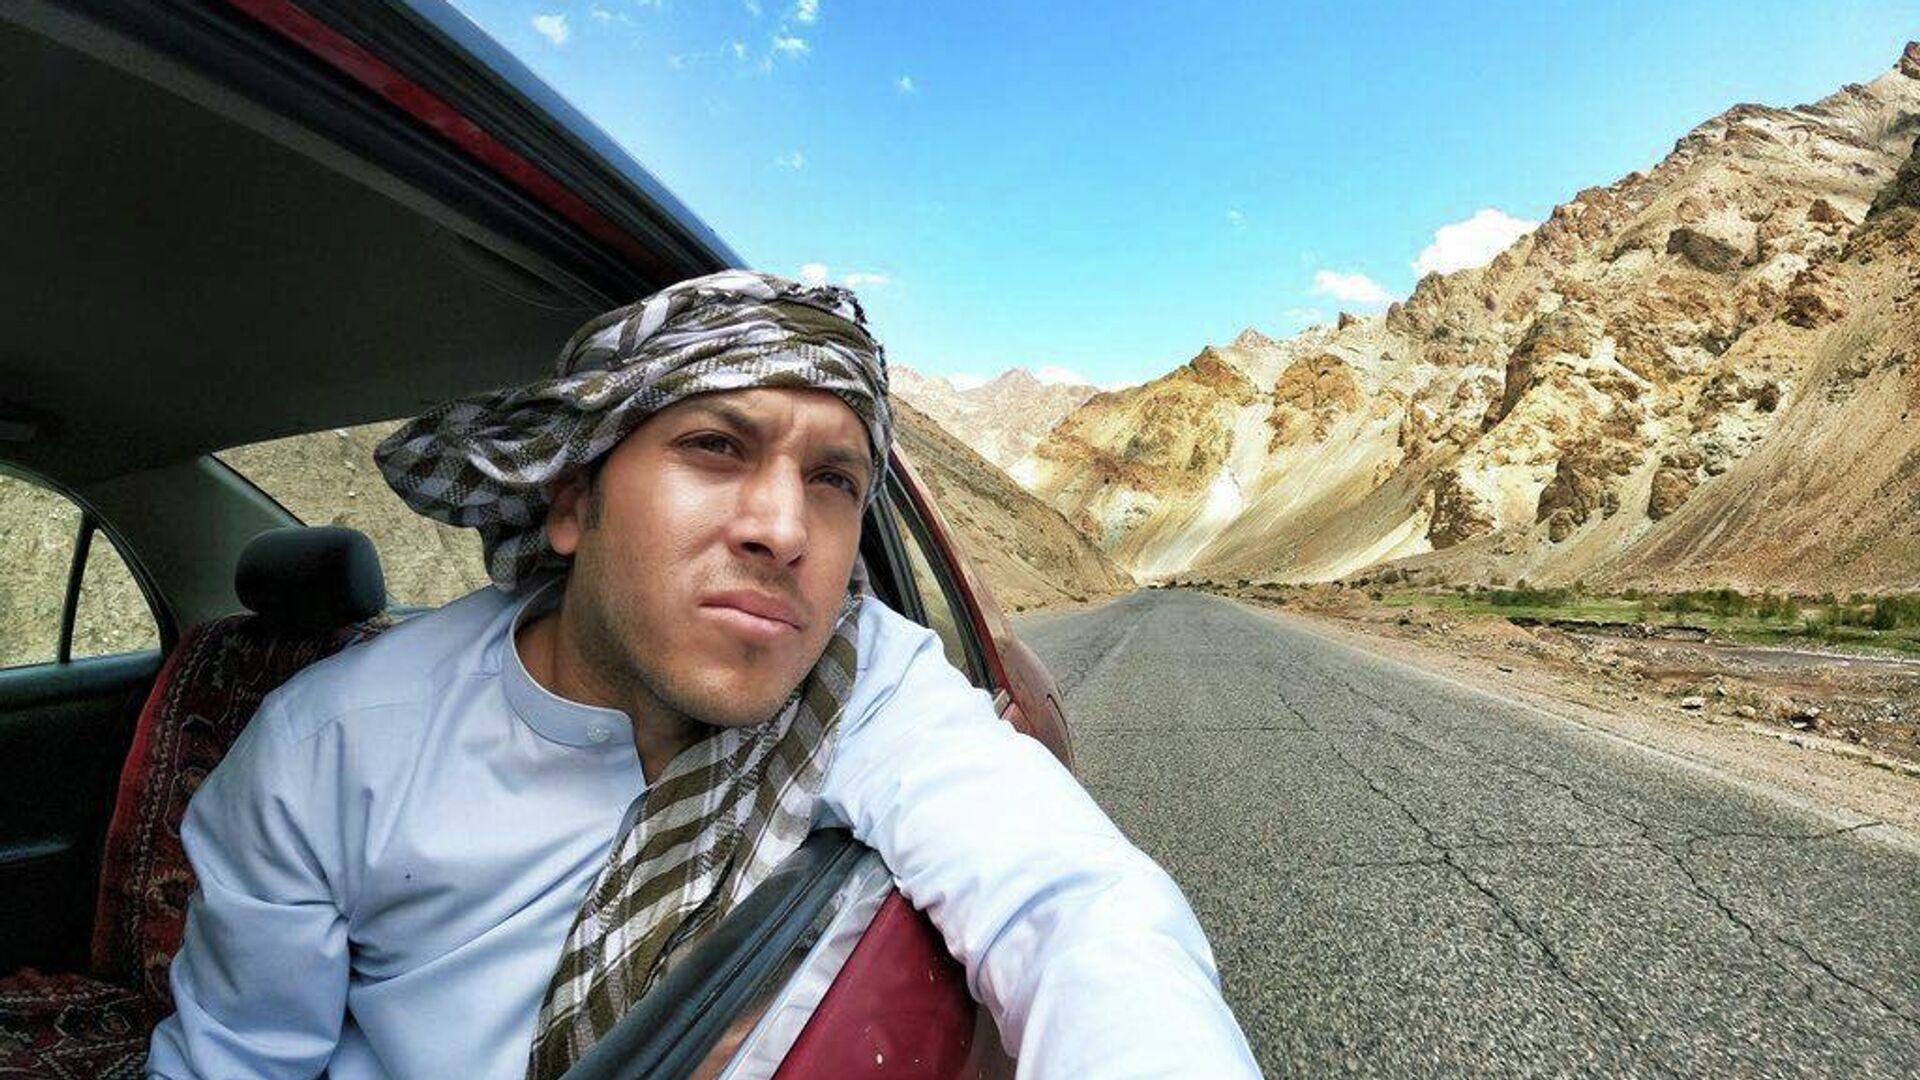 El youtuber mexicano Alex Tienda en Afganistán - Sputnik Mundo, 1920, 16.08.2021